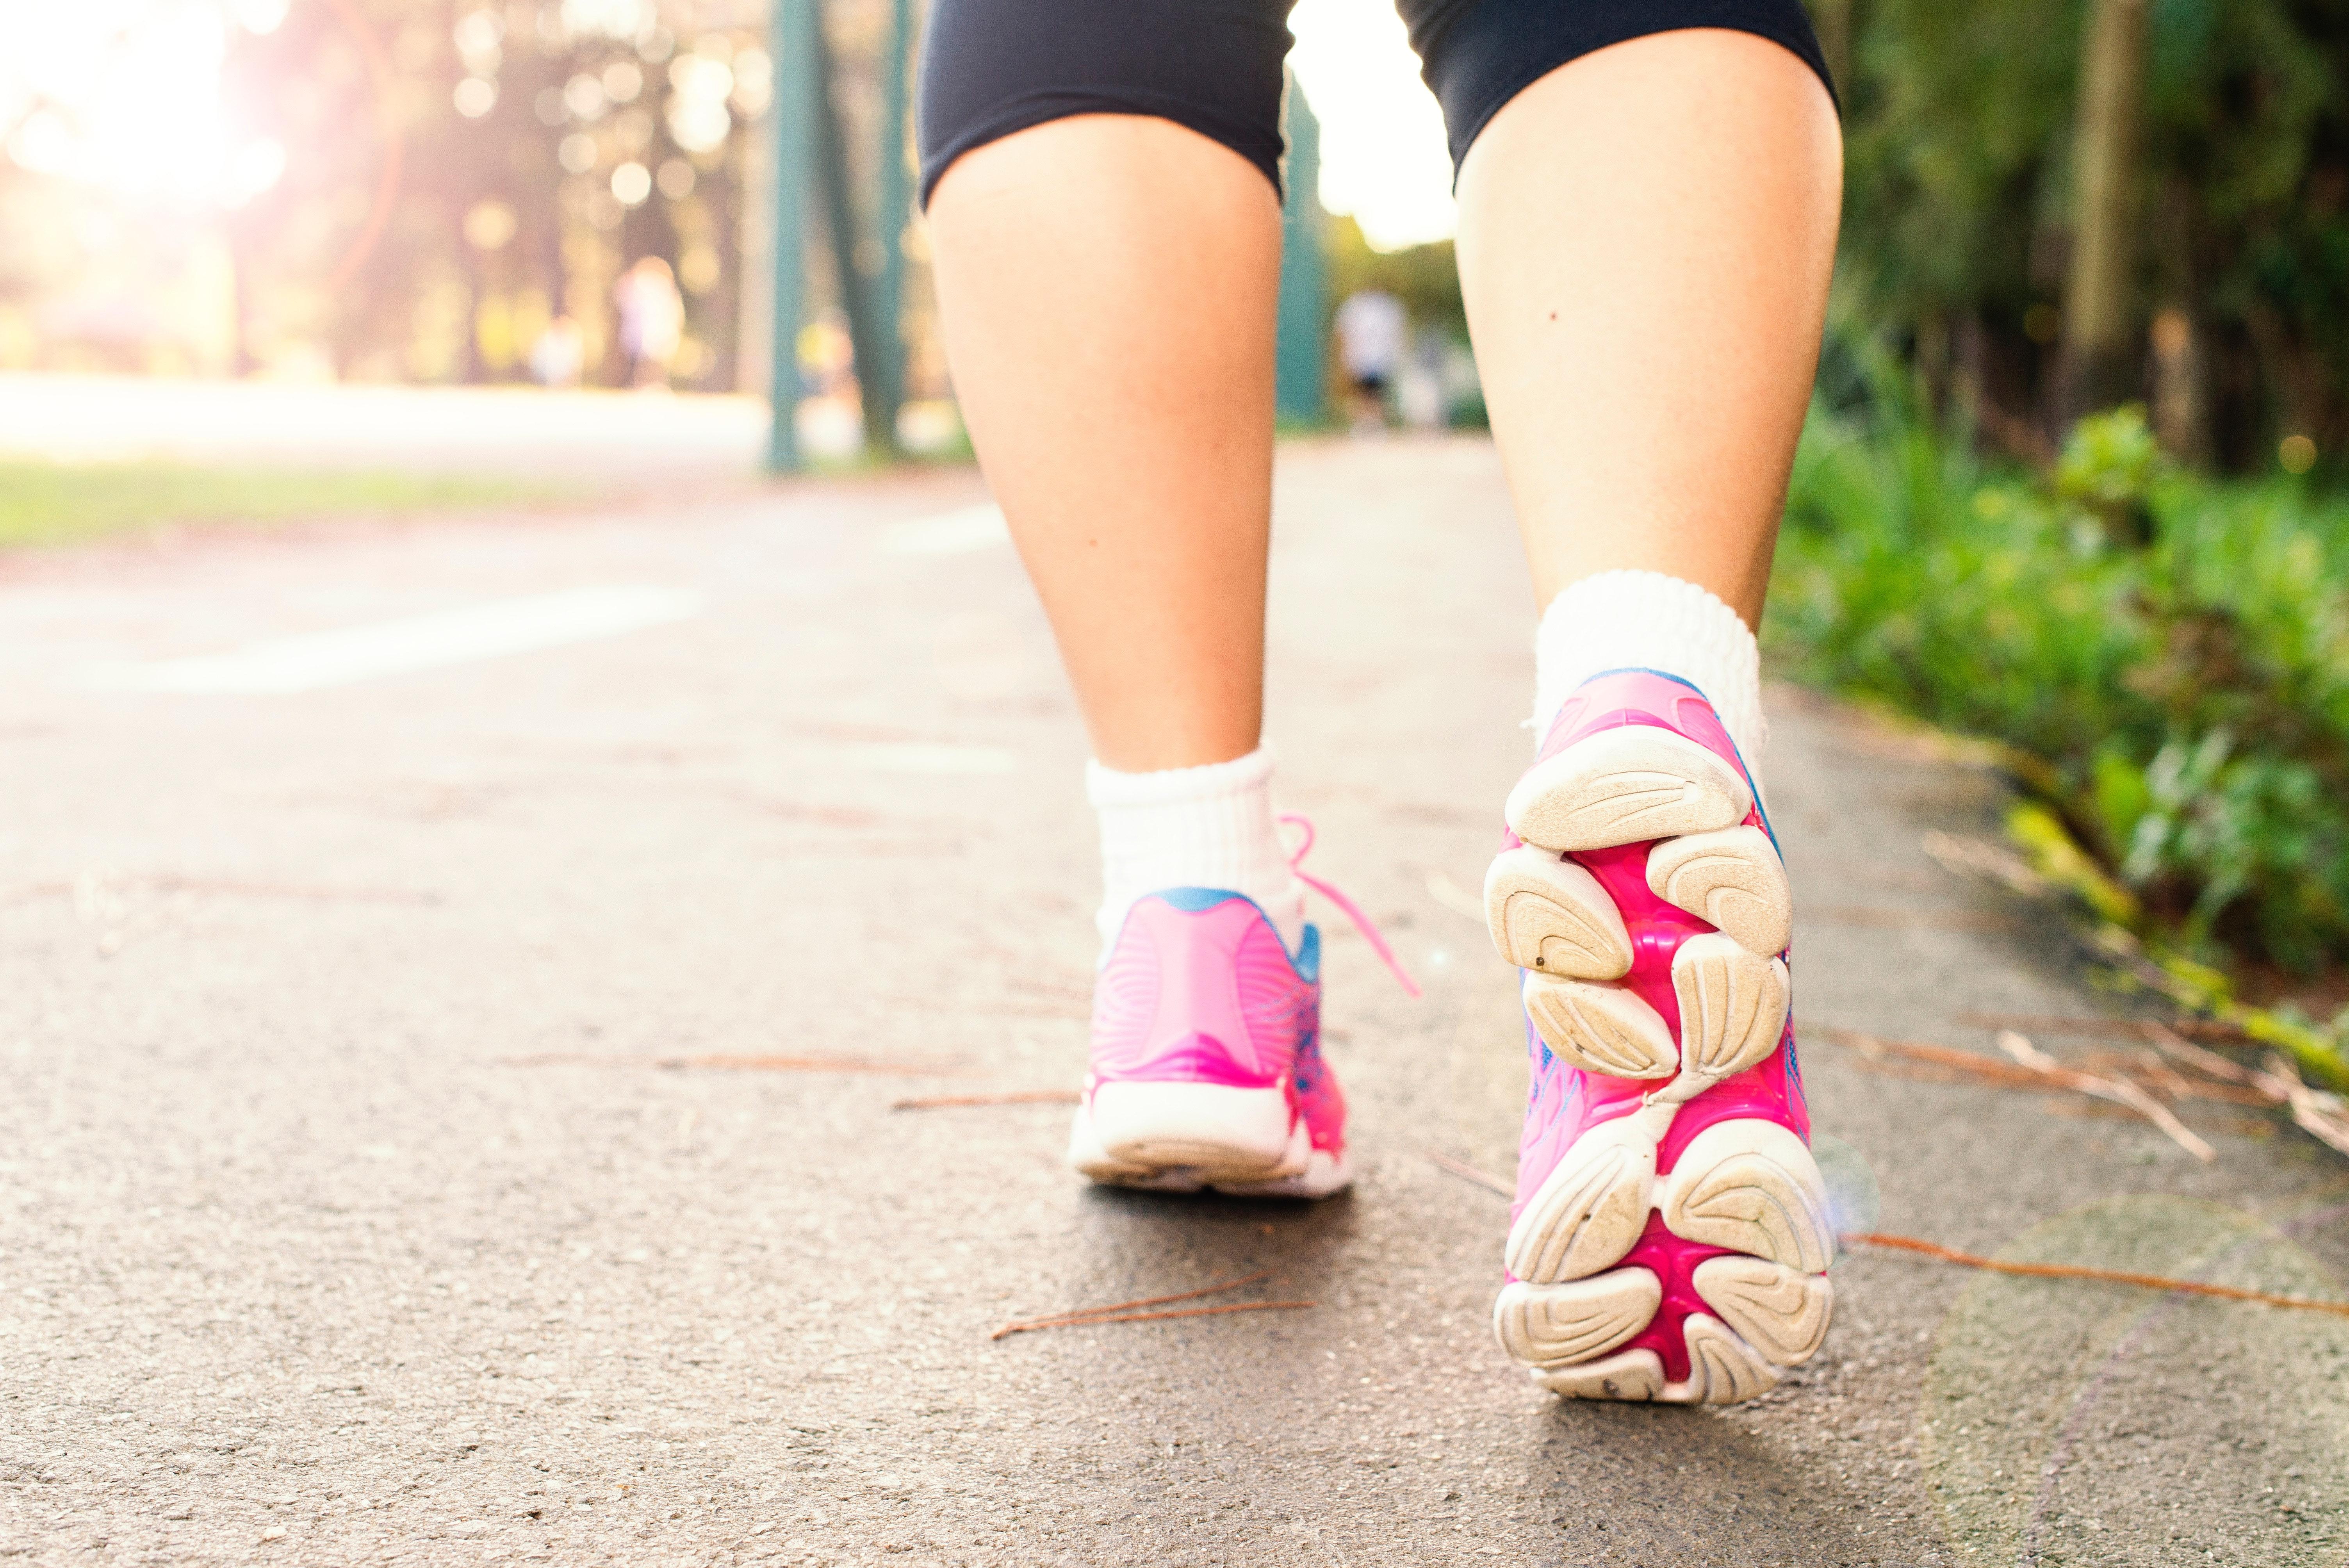 6 טיפים לבחירת נעל ספורט שתשמור על הבריאות שלכם